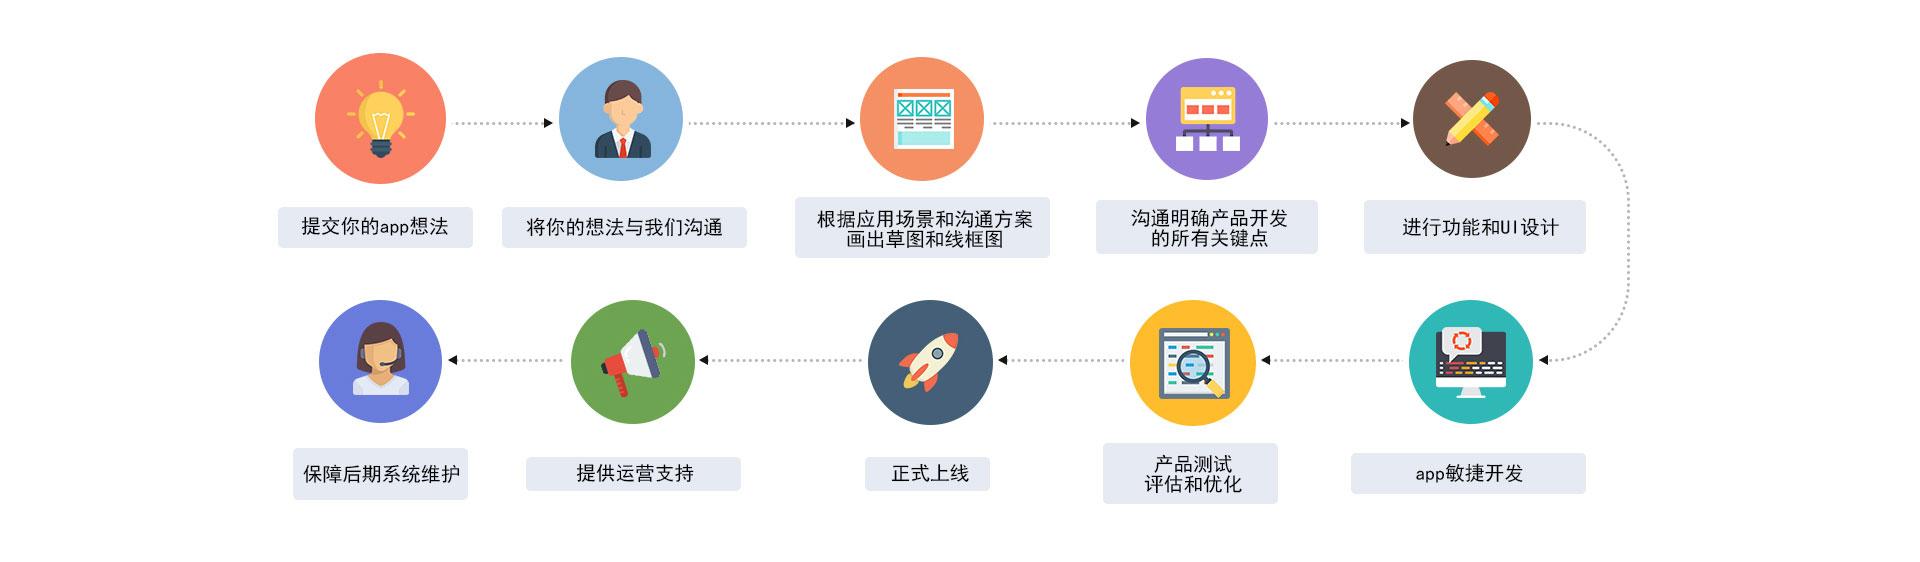 app开发流程